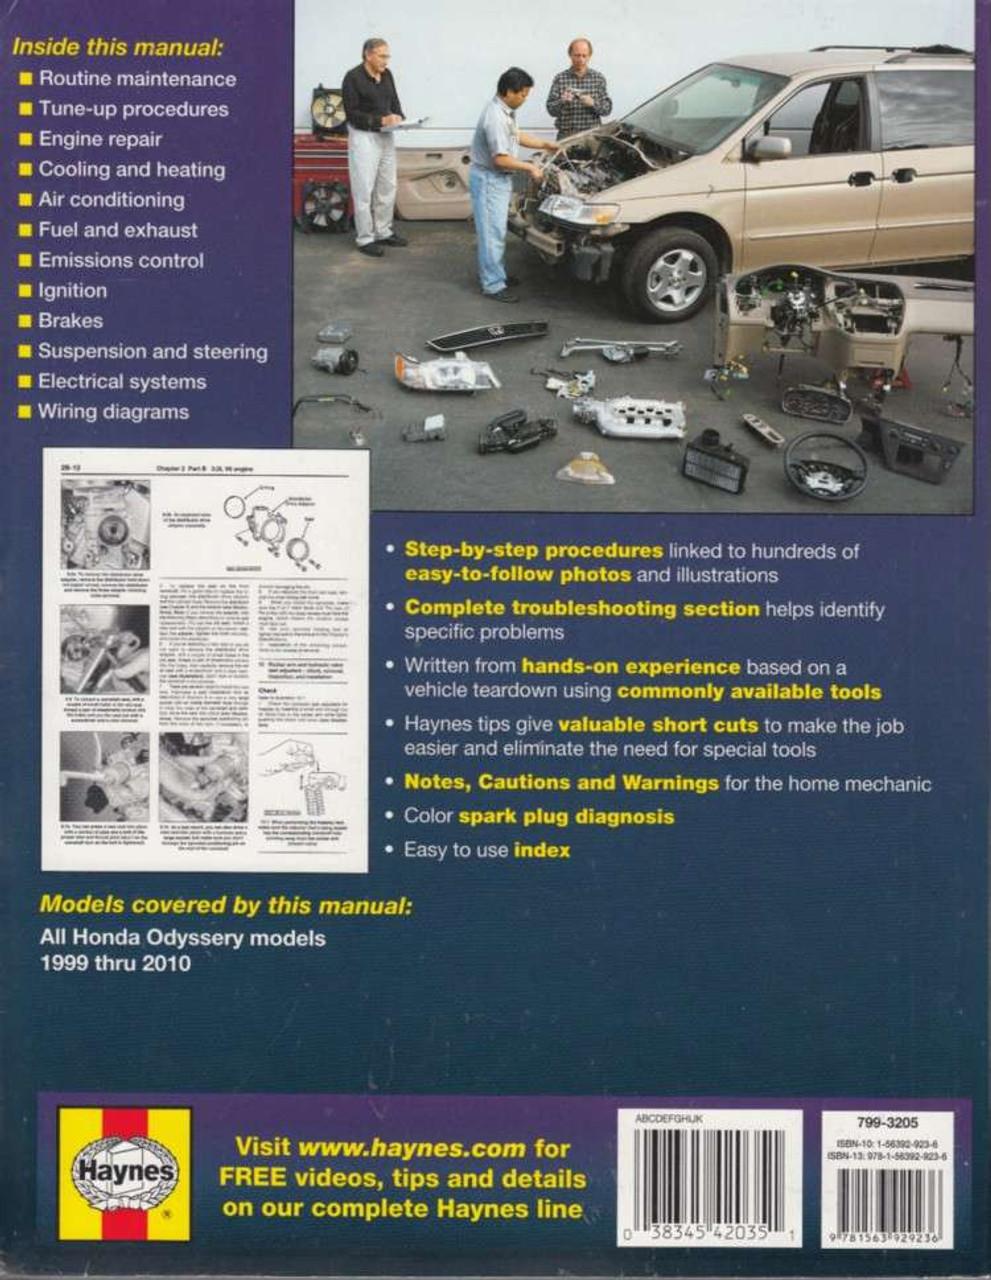 honda odyssey 1999 2010 workshop manual rh automotobookshop com au 2004 Honda Odyssey honda odyssey haynes repair manual download